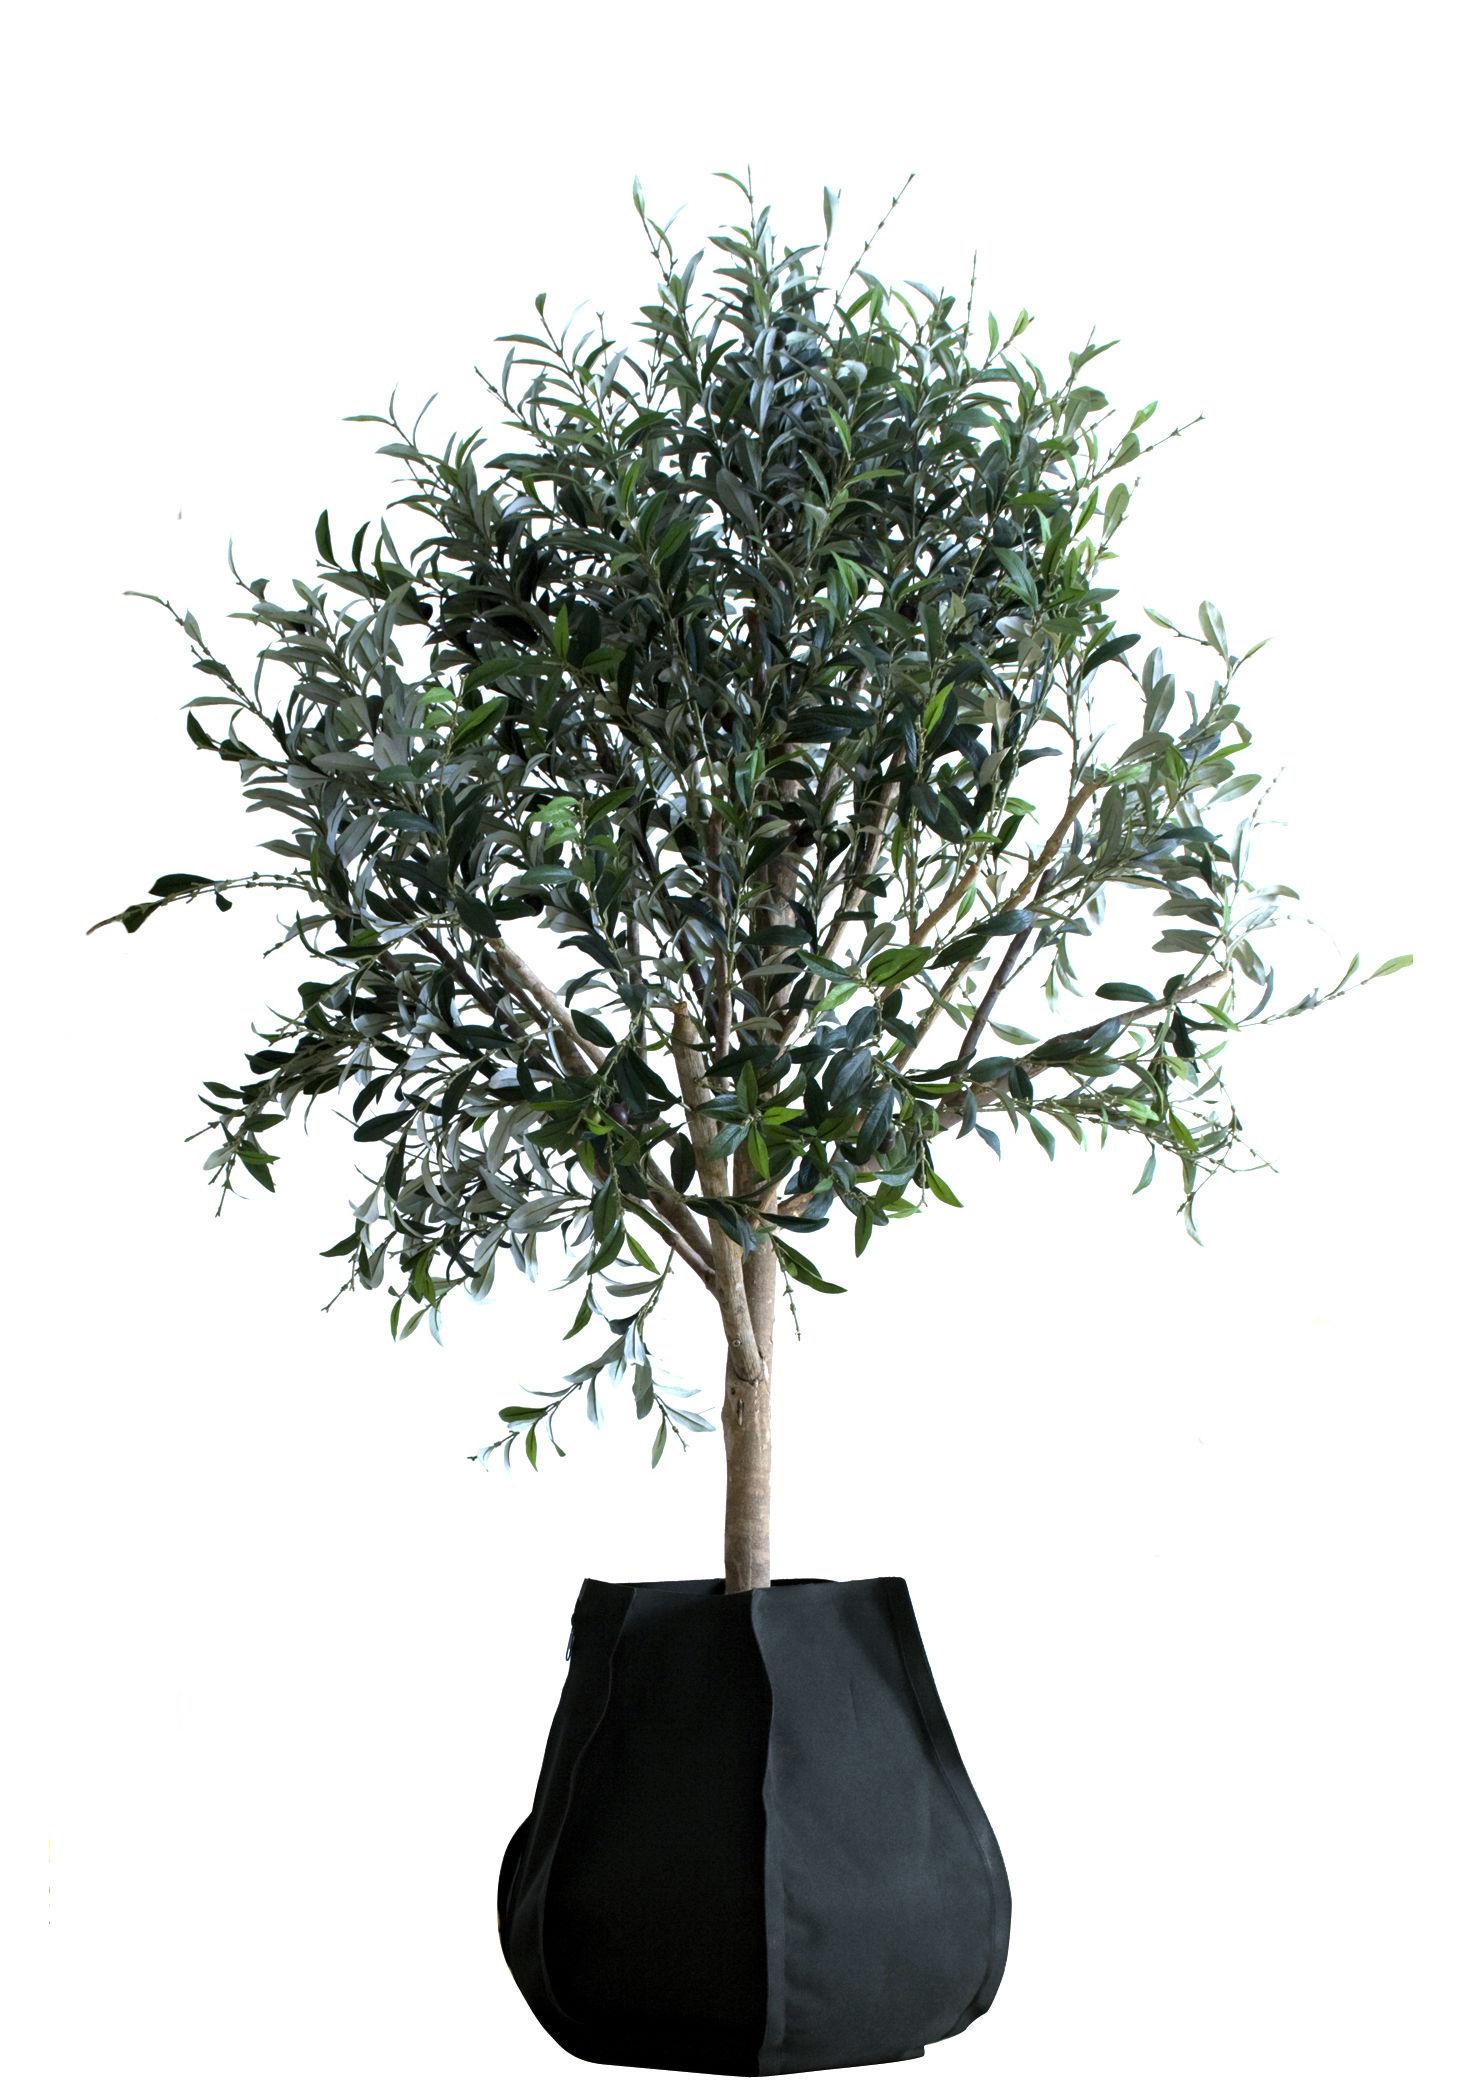 Outdoor - Töpfe und Pflanzen - Urban Garden Sack Blumentopf Tasche / 15 Liter - Authentics - M - Schwarz - Polyester-Gewebe